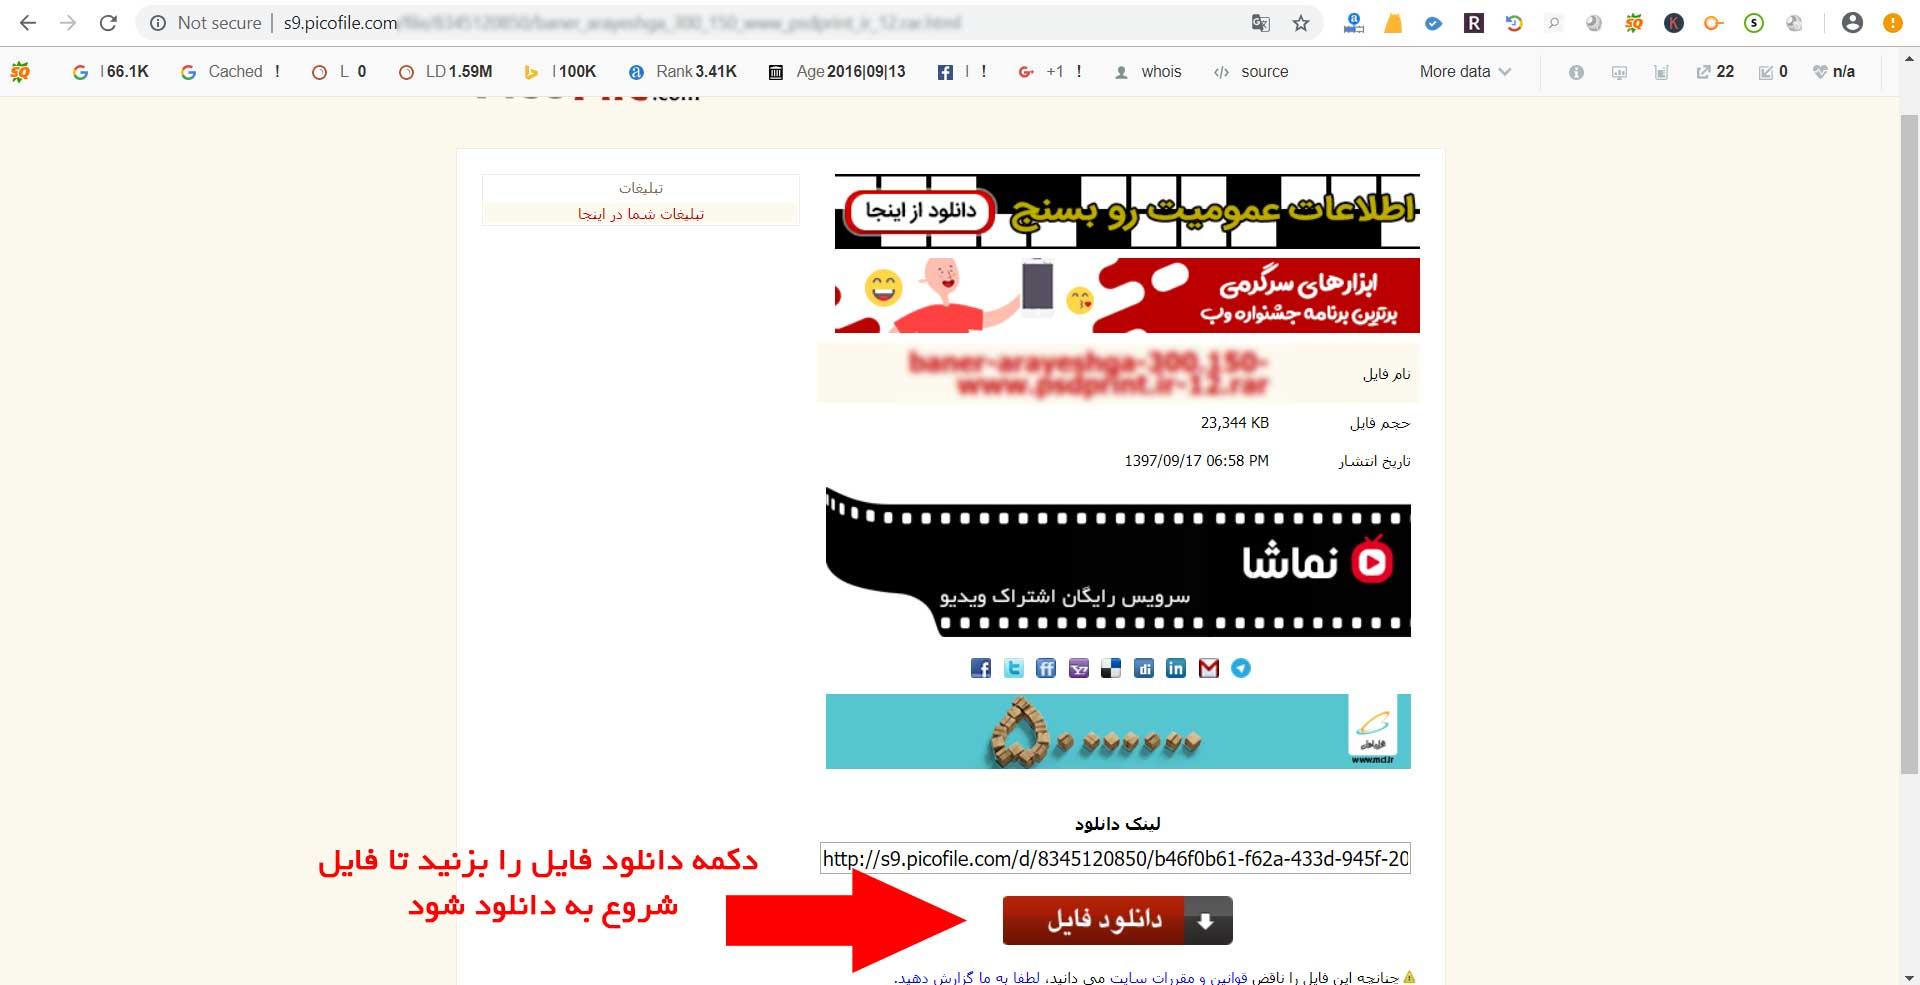 آموزش تصویری خرید طرح از سایت پی اس دی پرینت، مرحله یازدهم